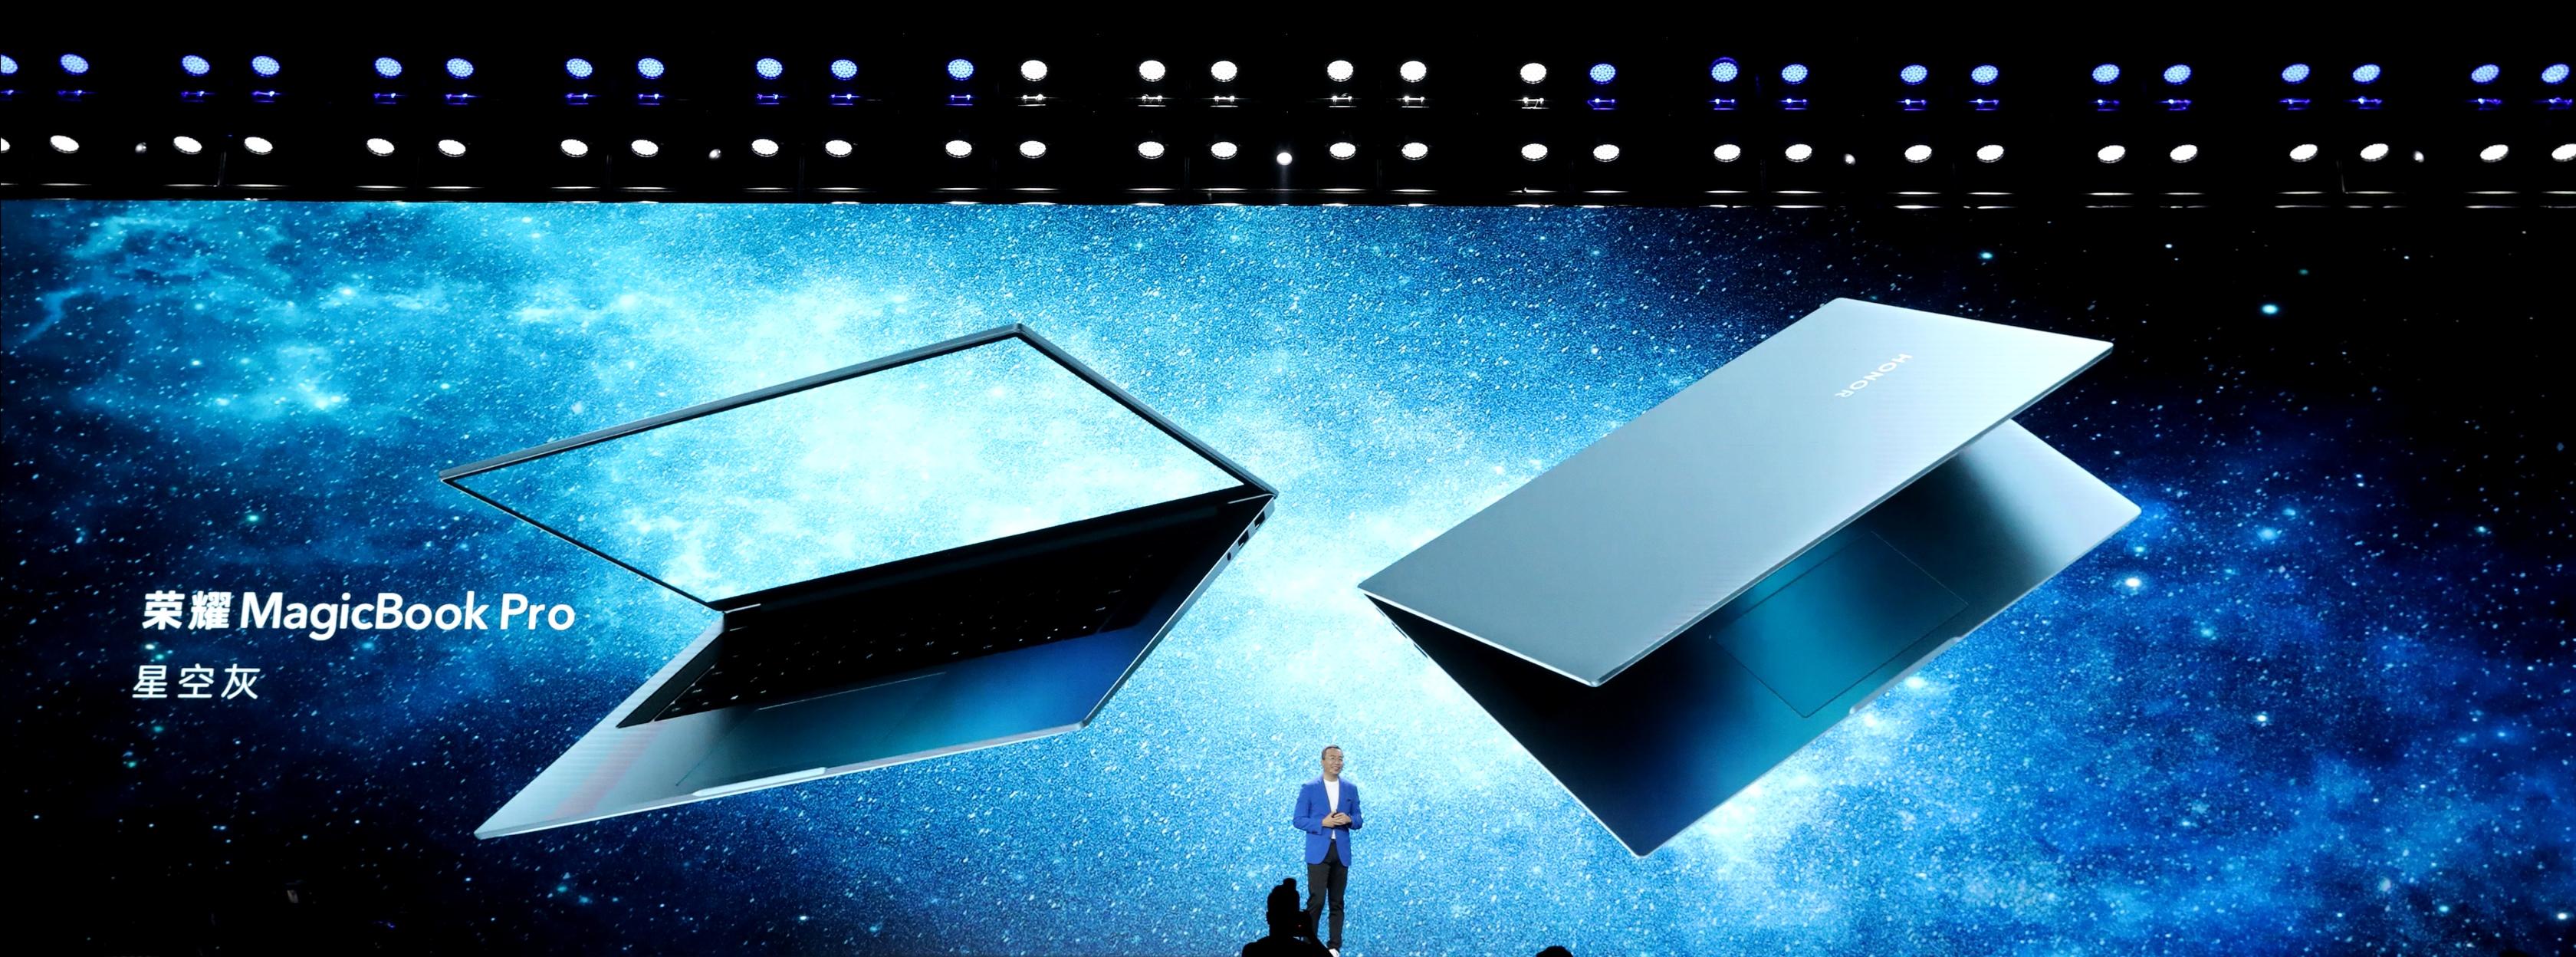 荣耀笔记本MagicBook Pro锐龙版价格4699元-6199元